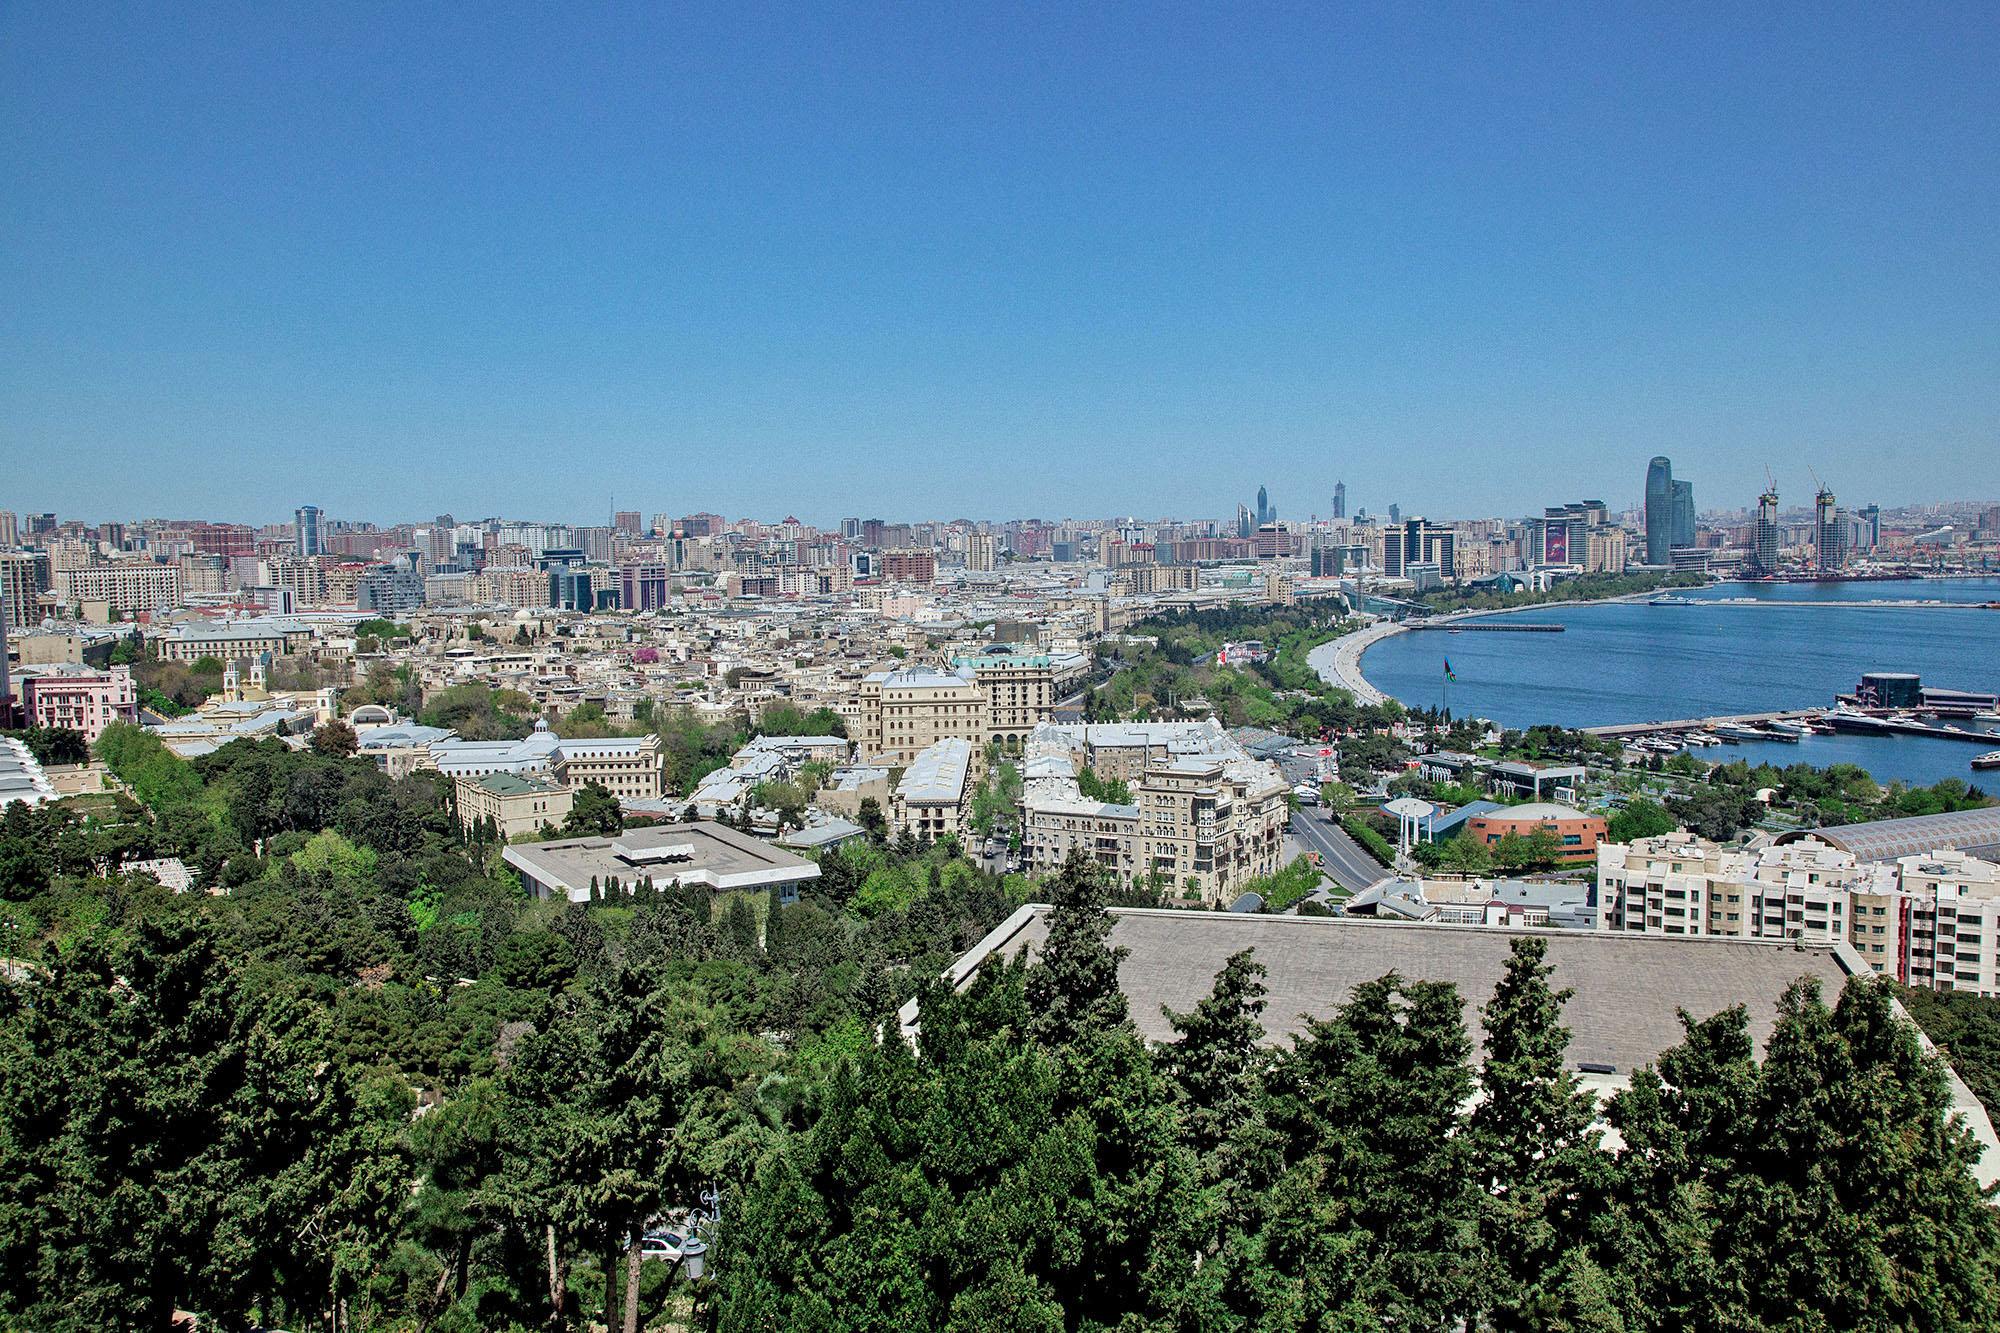 Рядом находится Нагорный парк, с которого открывается прекрасный вид на Баку. Подняться можно на фуникулере за 40 р. или бесплатно по лестнице